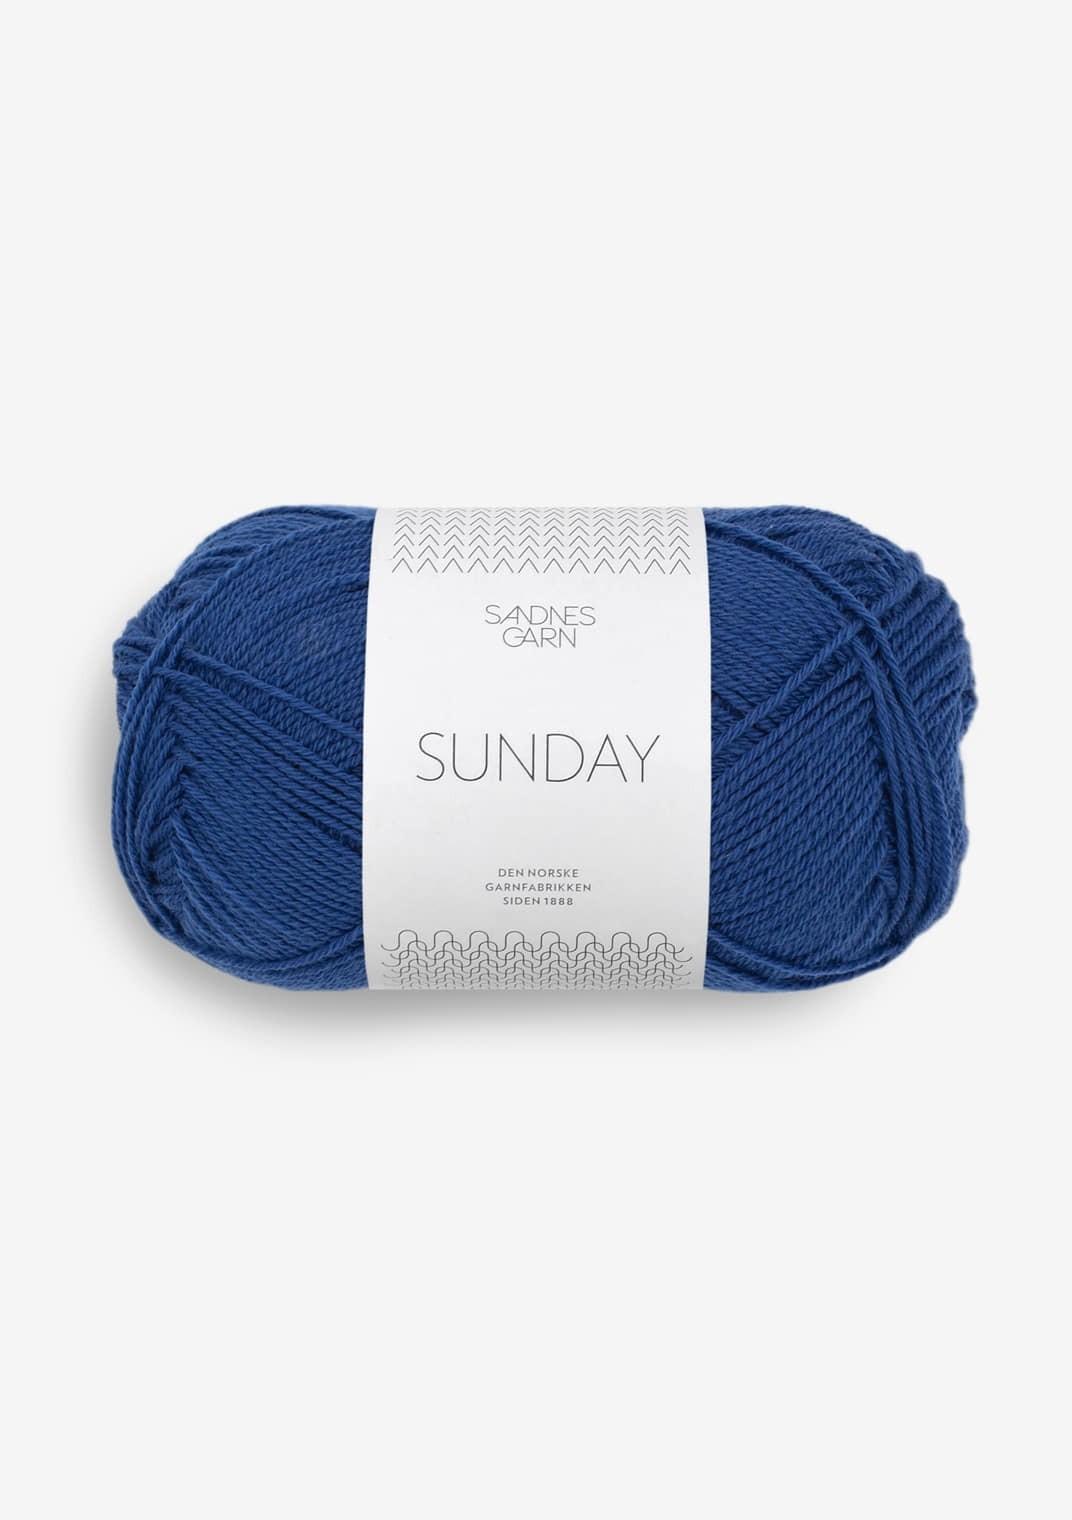 5846 Blå Sunday SANDNES